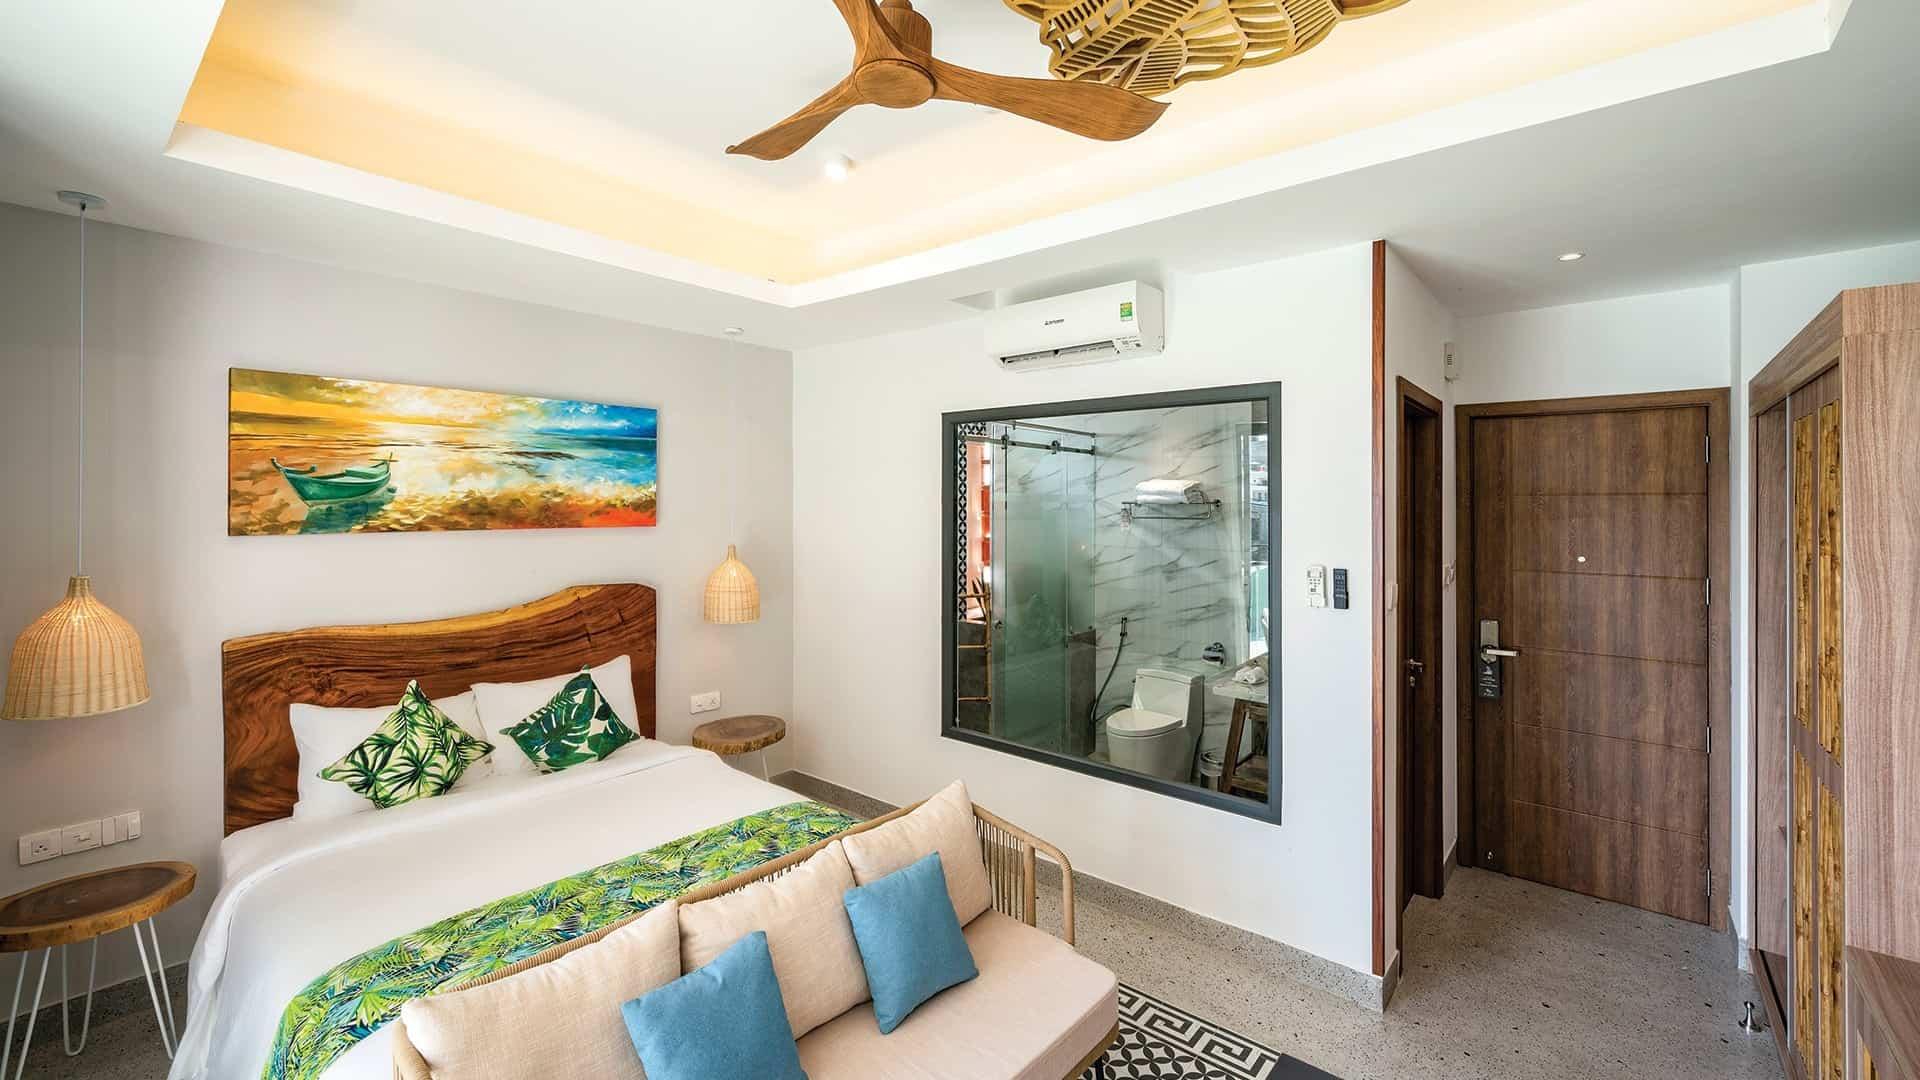 Executive Room là sự lựa chọn thú vị với view nhìn ra hướng biển hoặc thành phố